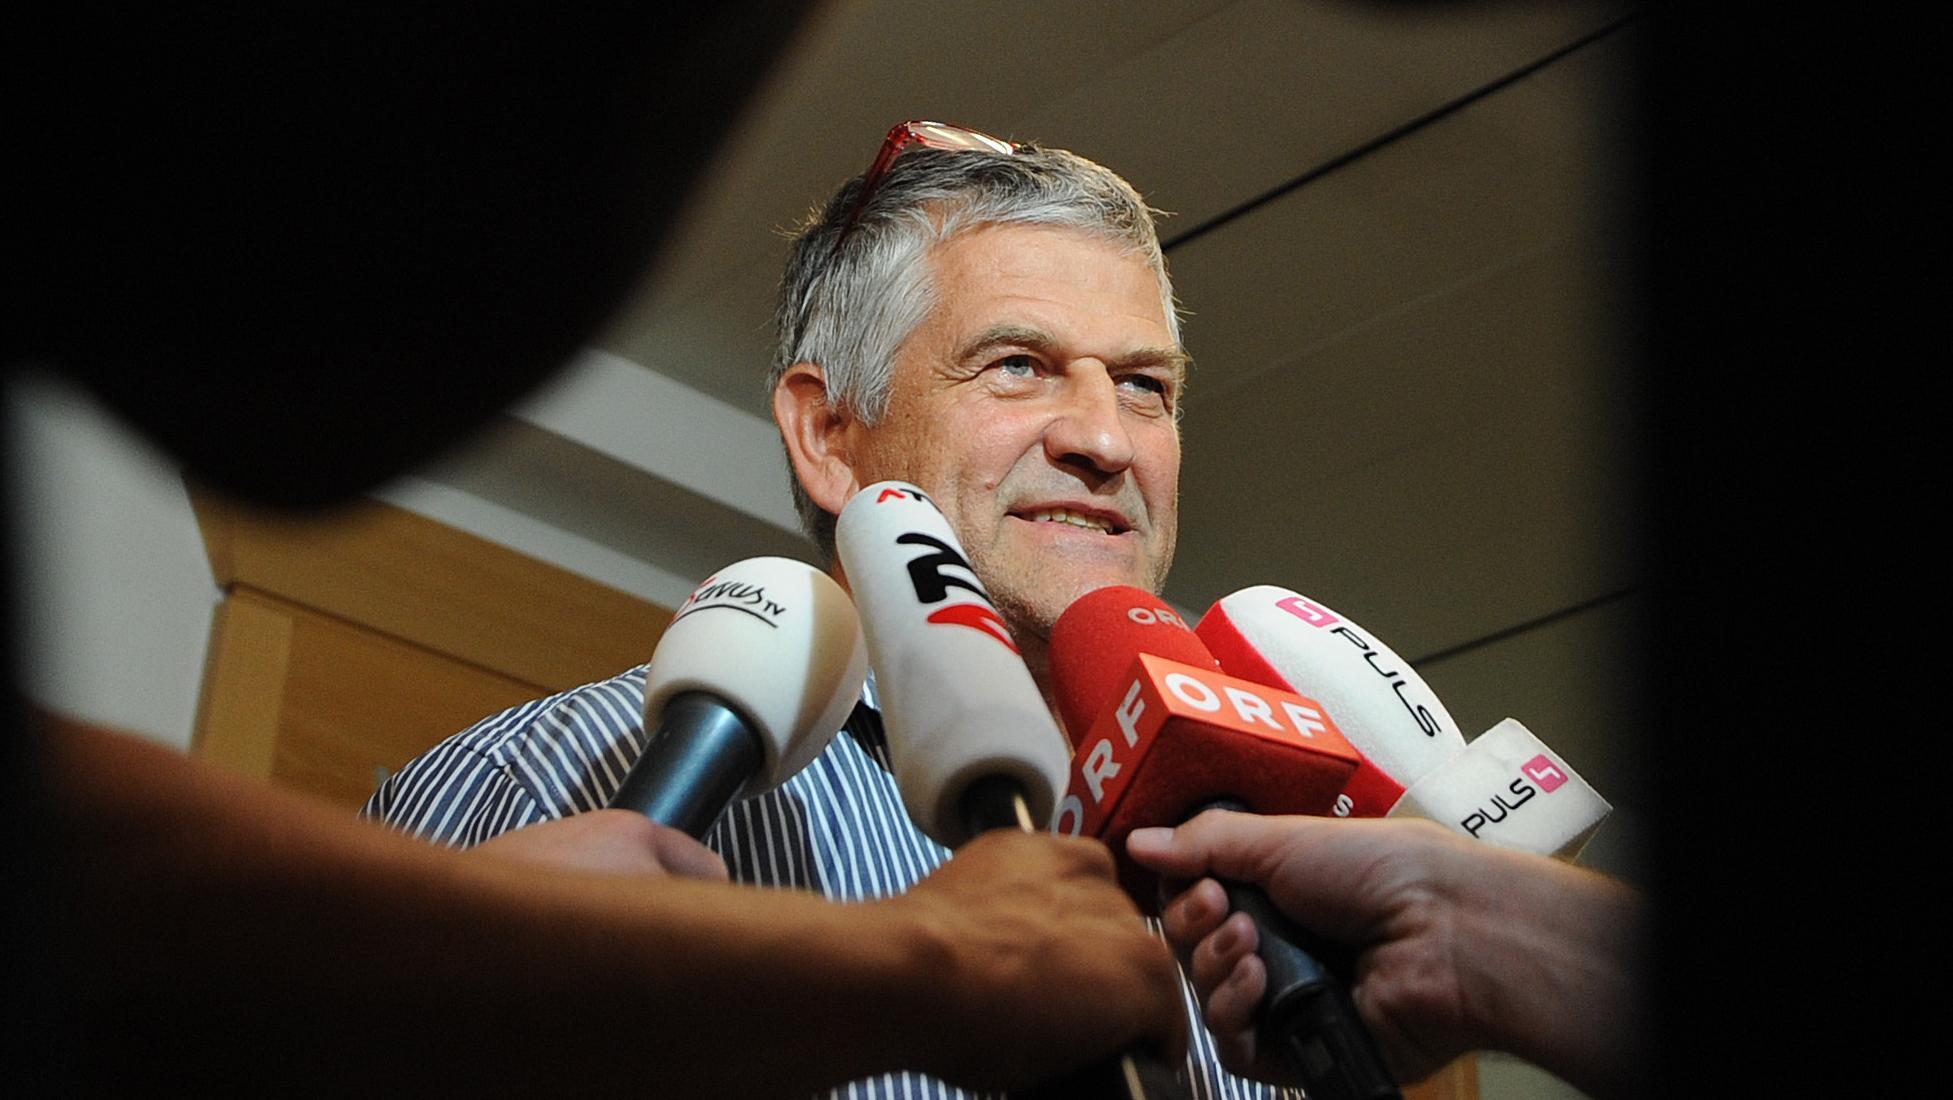 Vorübergehend festgenommen: Österreichs Ex-Langlauf-Coach Walter Mayer.